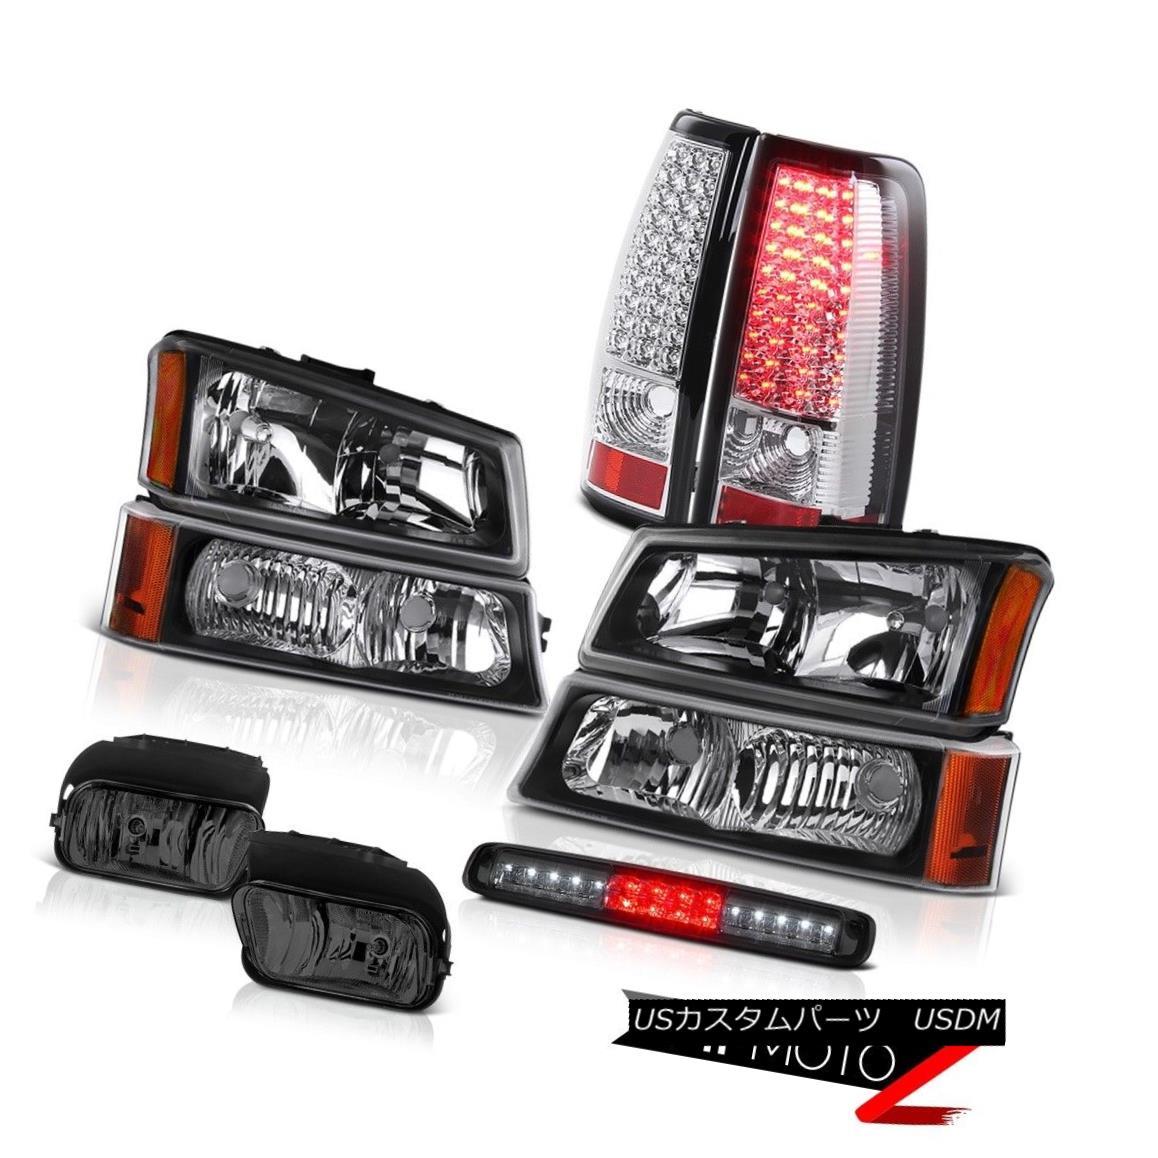 テールライト 03 04 05 06 Silverado 2500Hd Headlamps Foglamps High Stop Light Rear Brake Lamps 03 04 05 06 Silverado 2500Hdヘッドライトフォグランプハイストップライトリアブレーキランプ